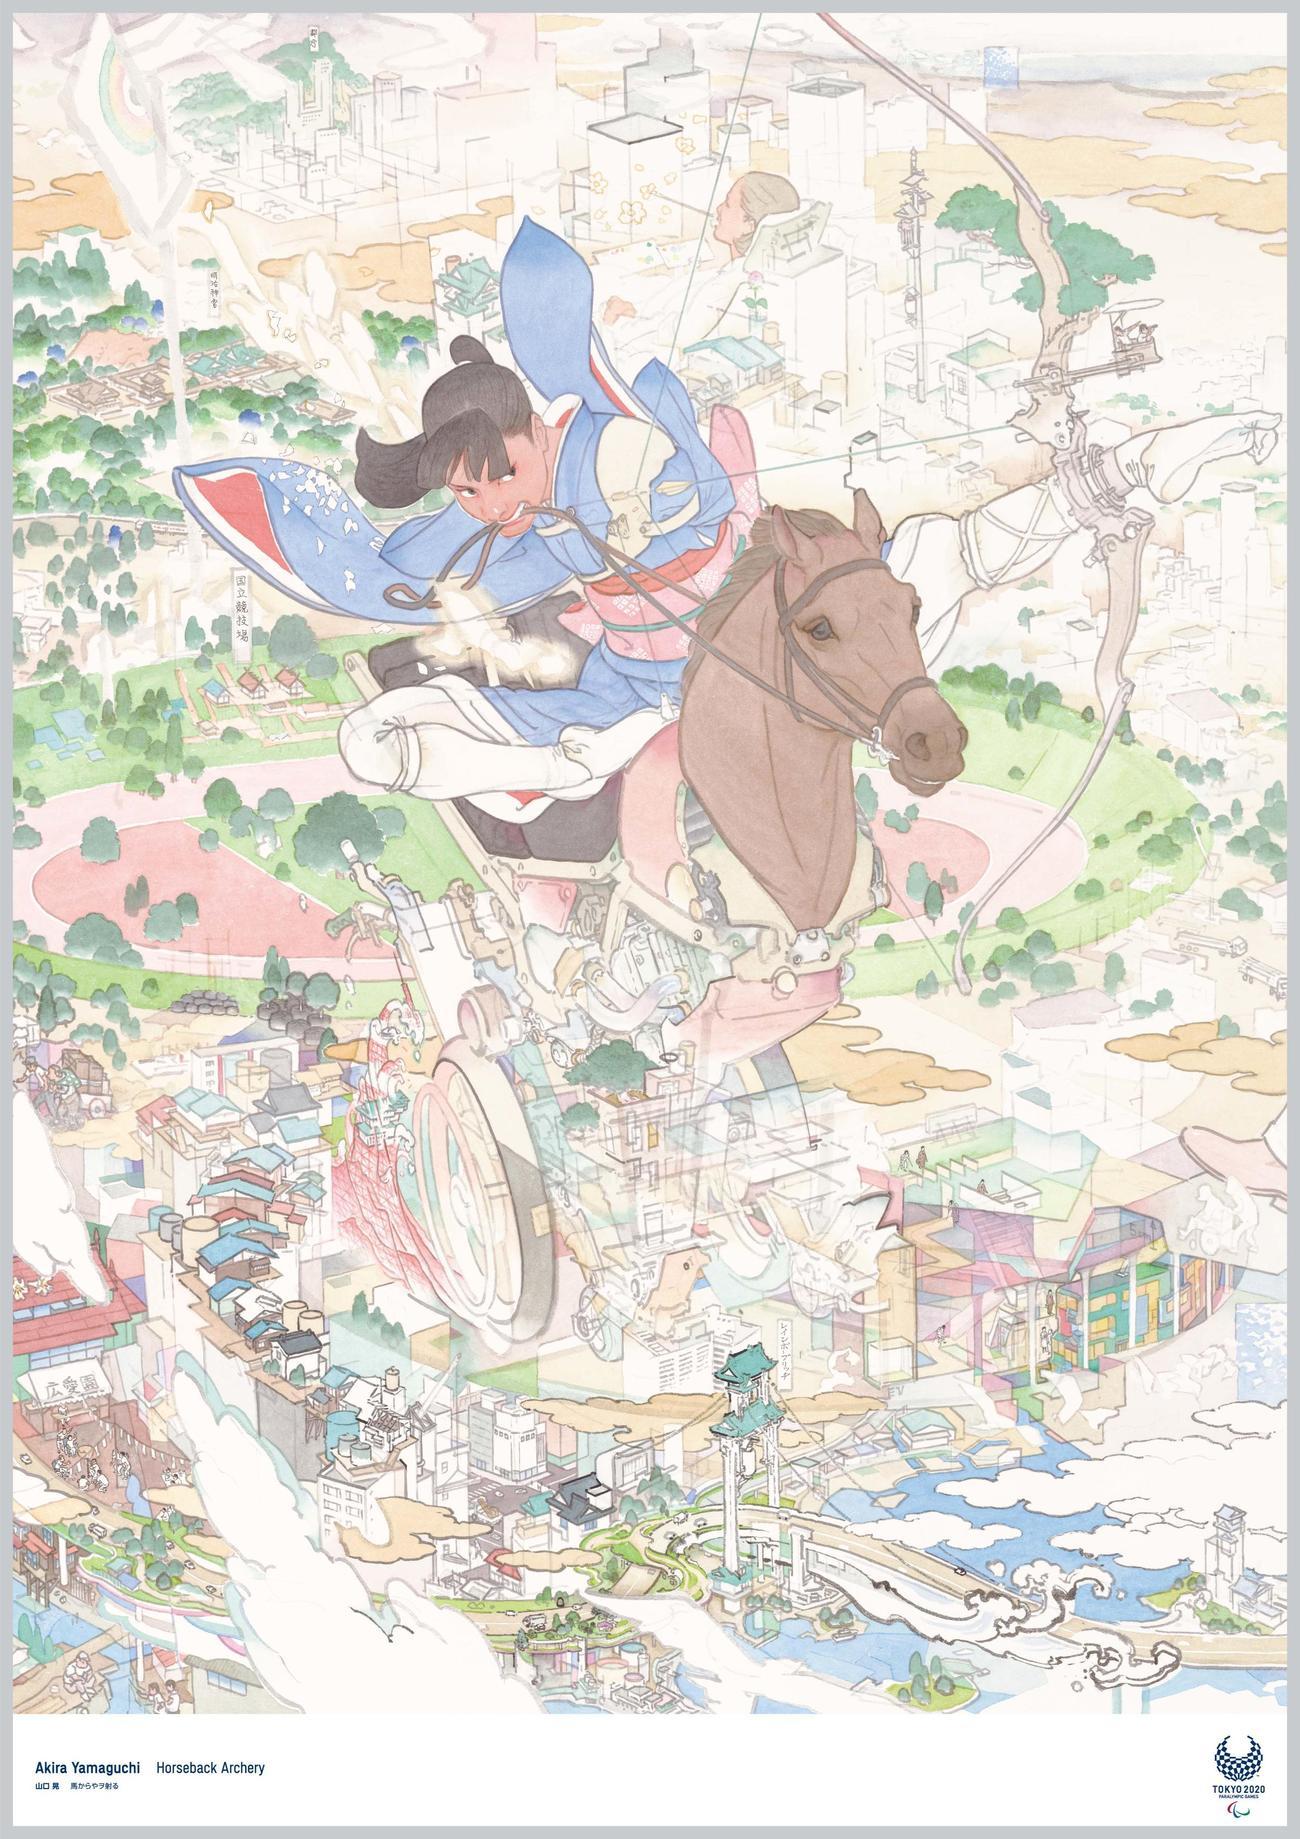 画家山口晃氏が手掛けたパラリンピックをテーマにした作品「馬からやヲ射る」@Tokyo2020